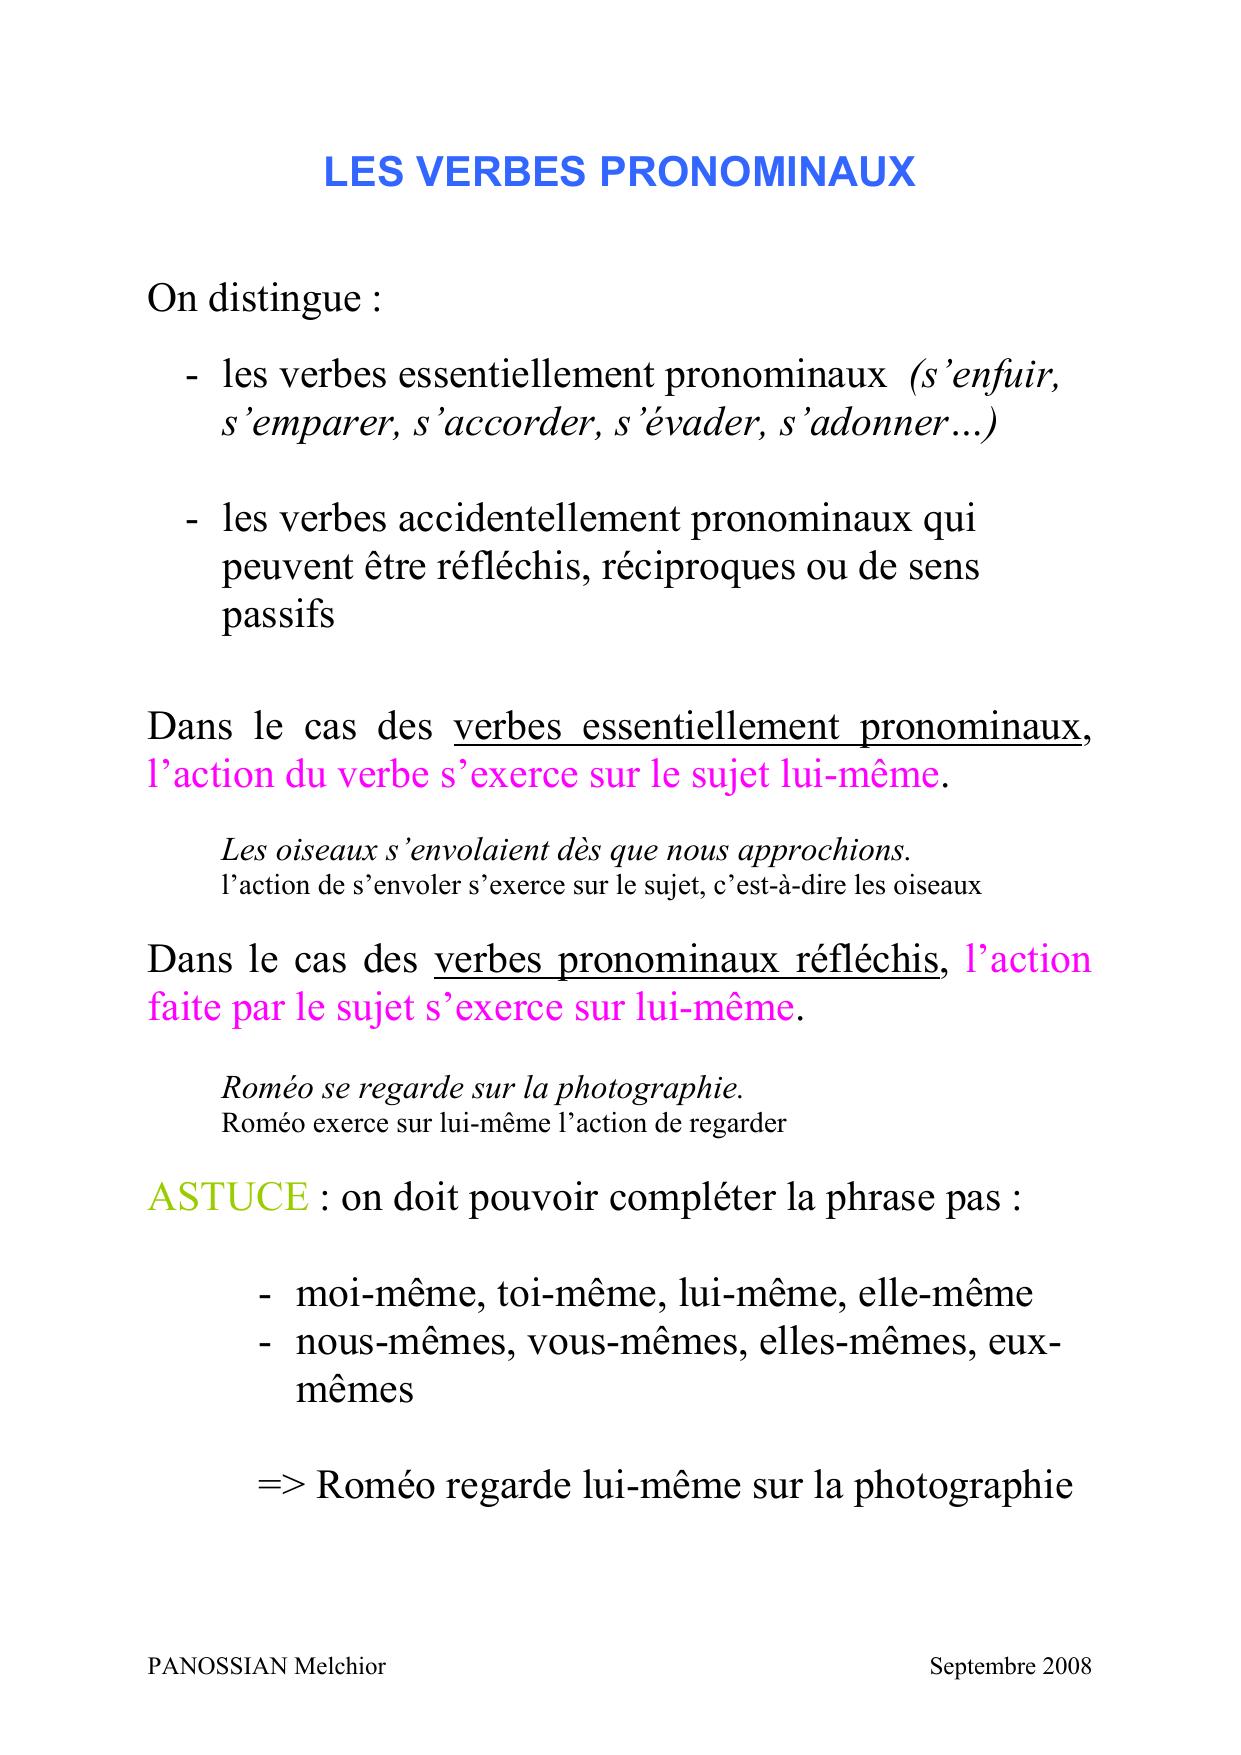 Les Verbes Pronominaux Le Site De Melchior Panossian